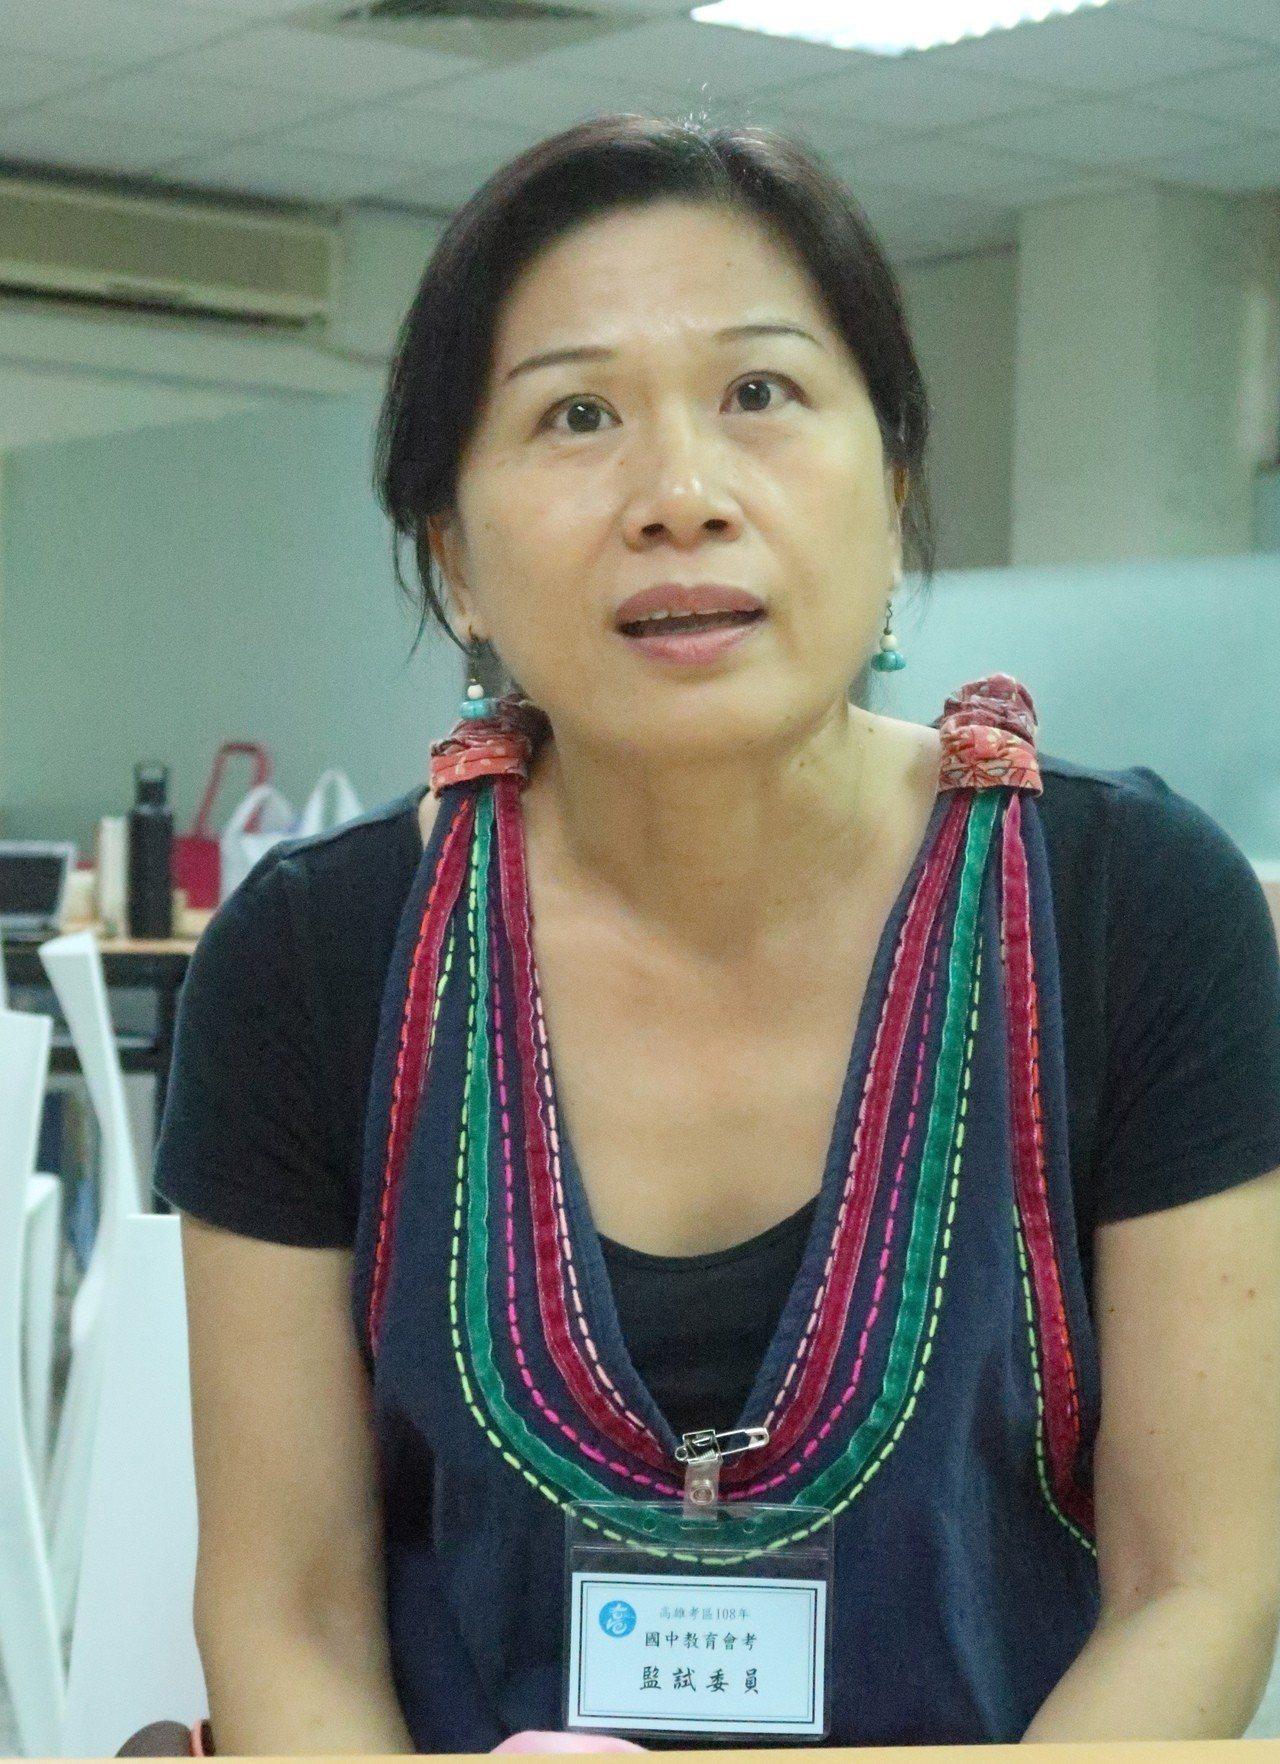 三民高中國文老師郭麗秀表示,考生可書寫自身與長輩相處經驗,再思考陌生人的青銀相處...